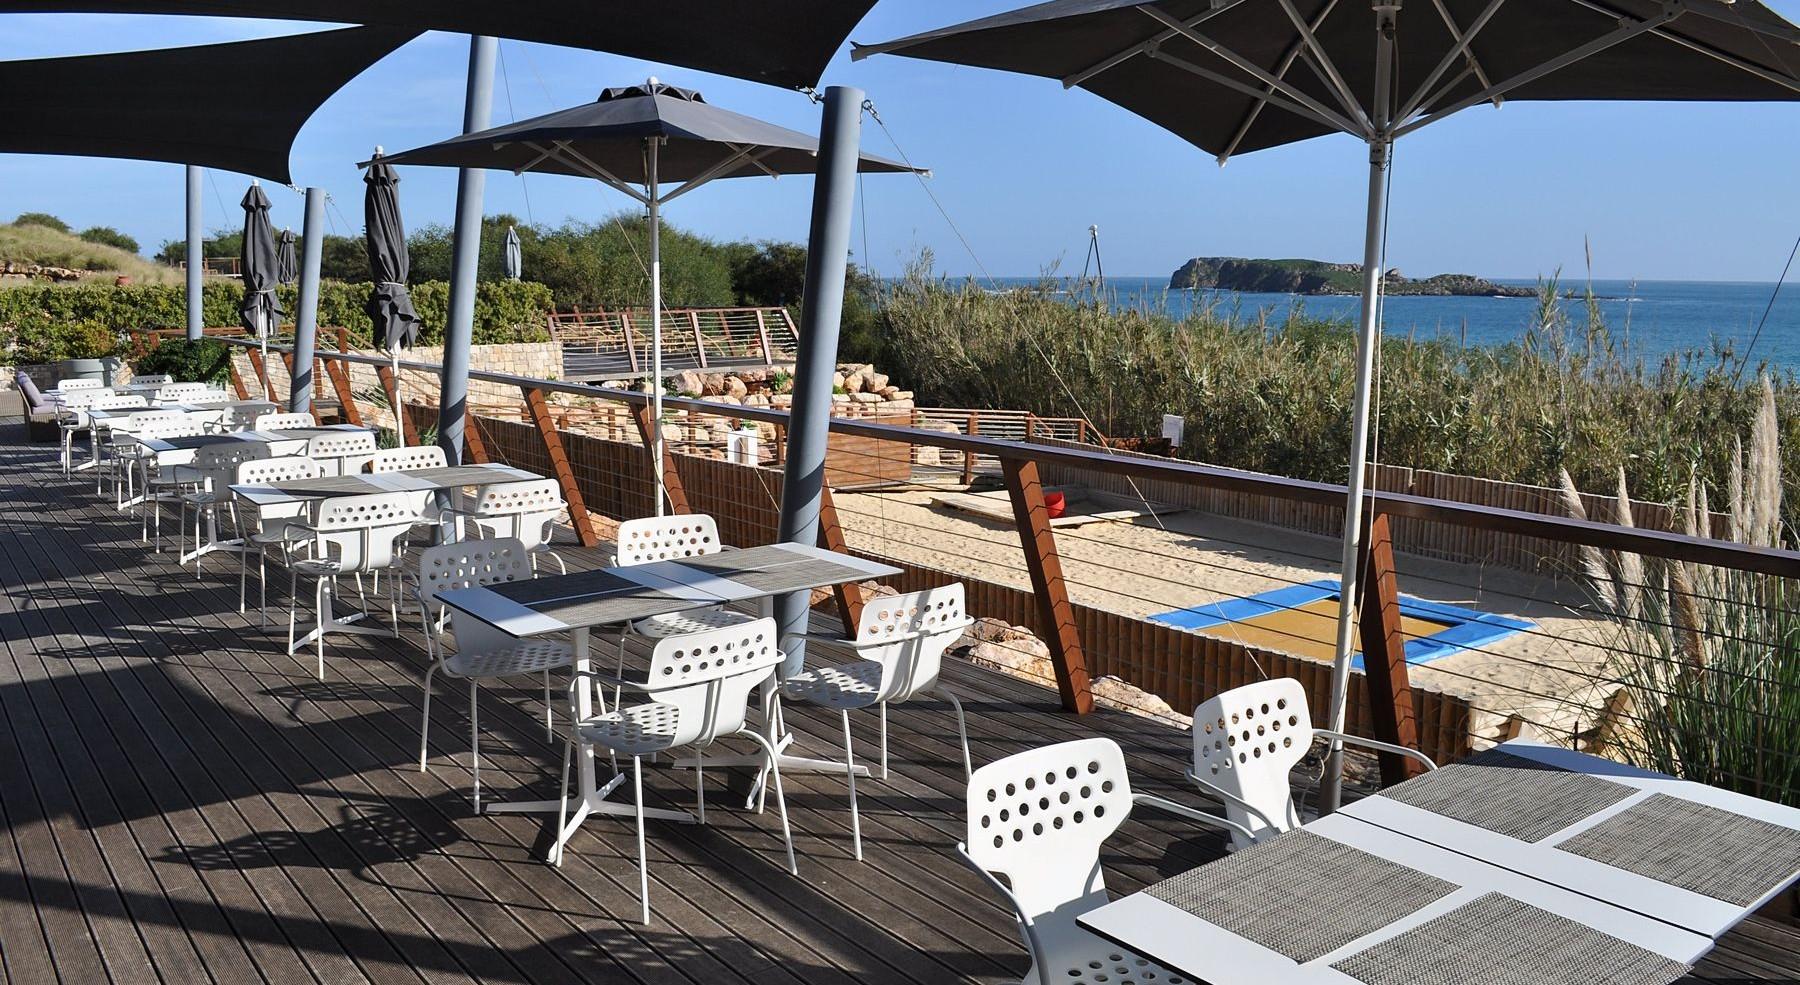 Miami Beach Restaurant Empfehlungen